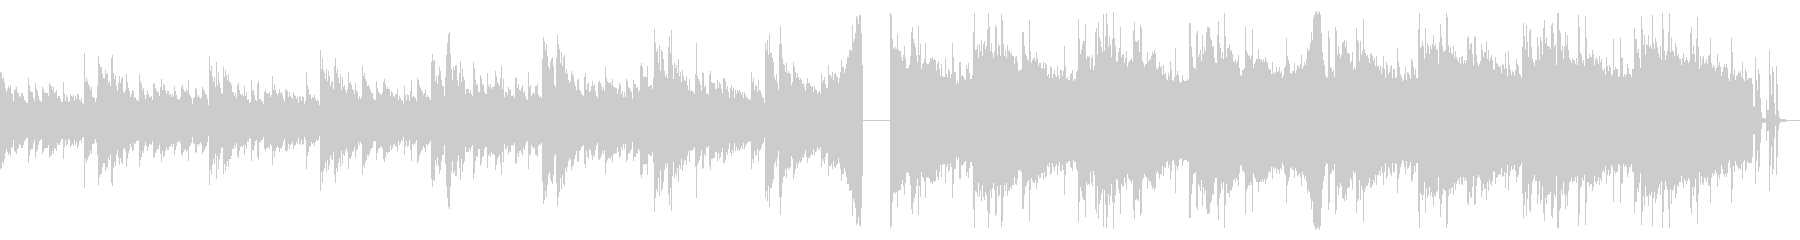 ホラー感のあるトラップ_2の未再生の波形